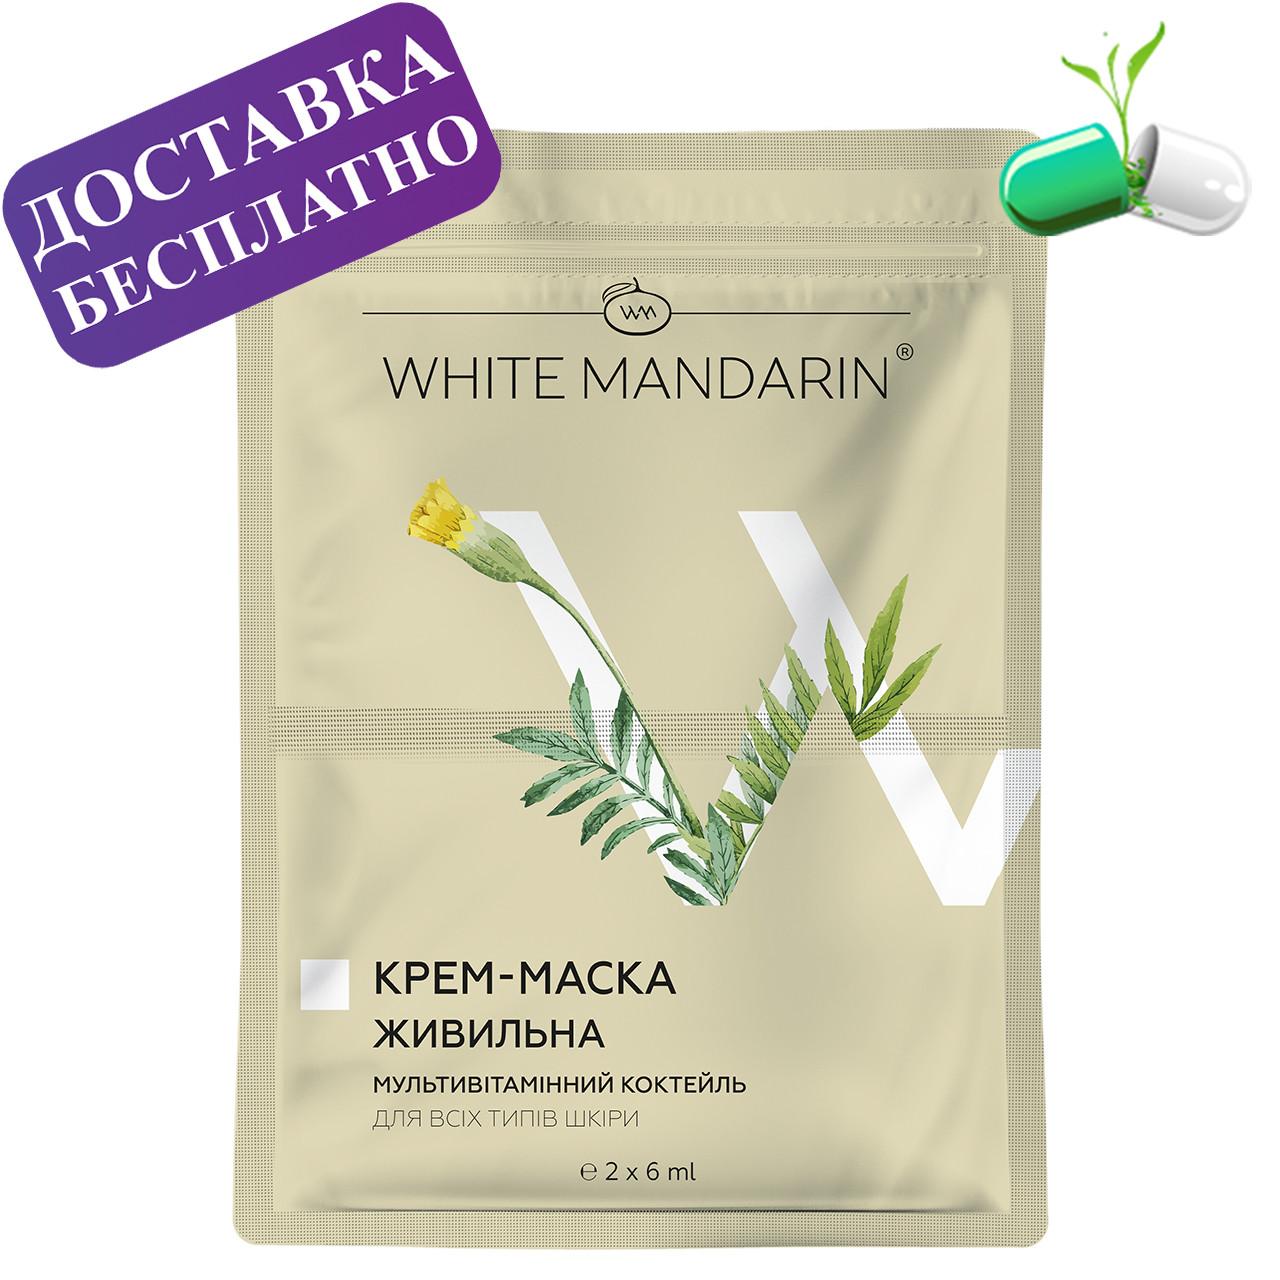 Питательная крем-маска «Мультивитаминный коктейль» серии «Проросшие зерна» White Mandarin. саше 2х6 ml